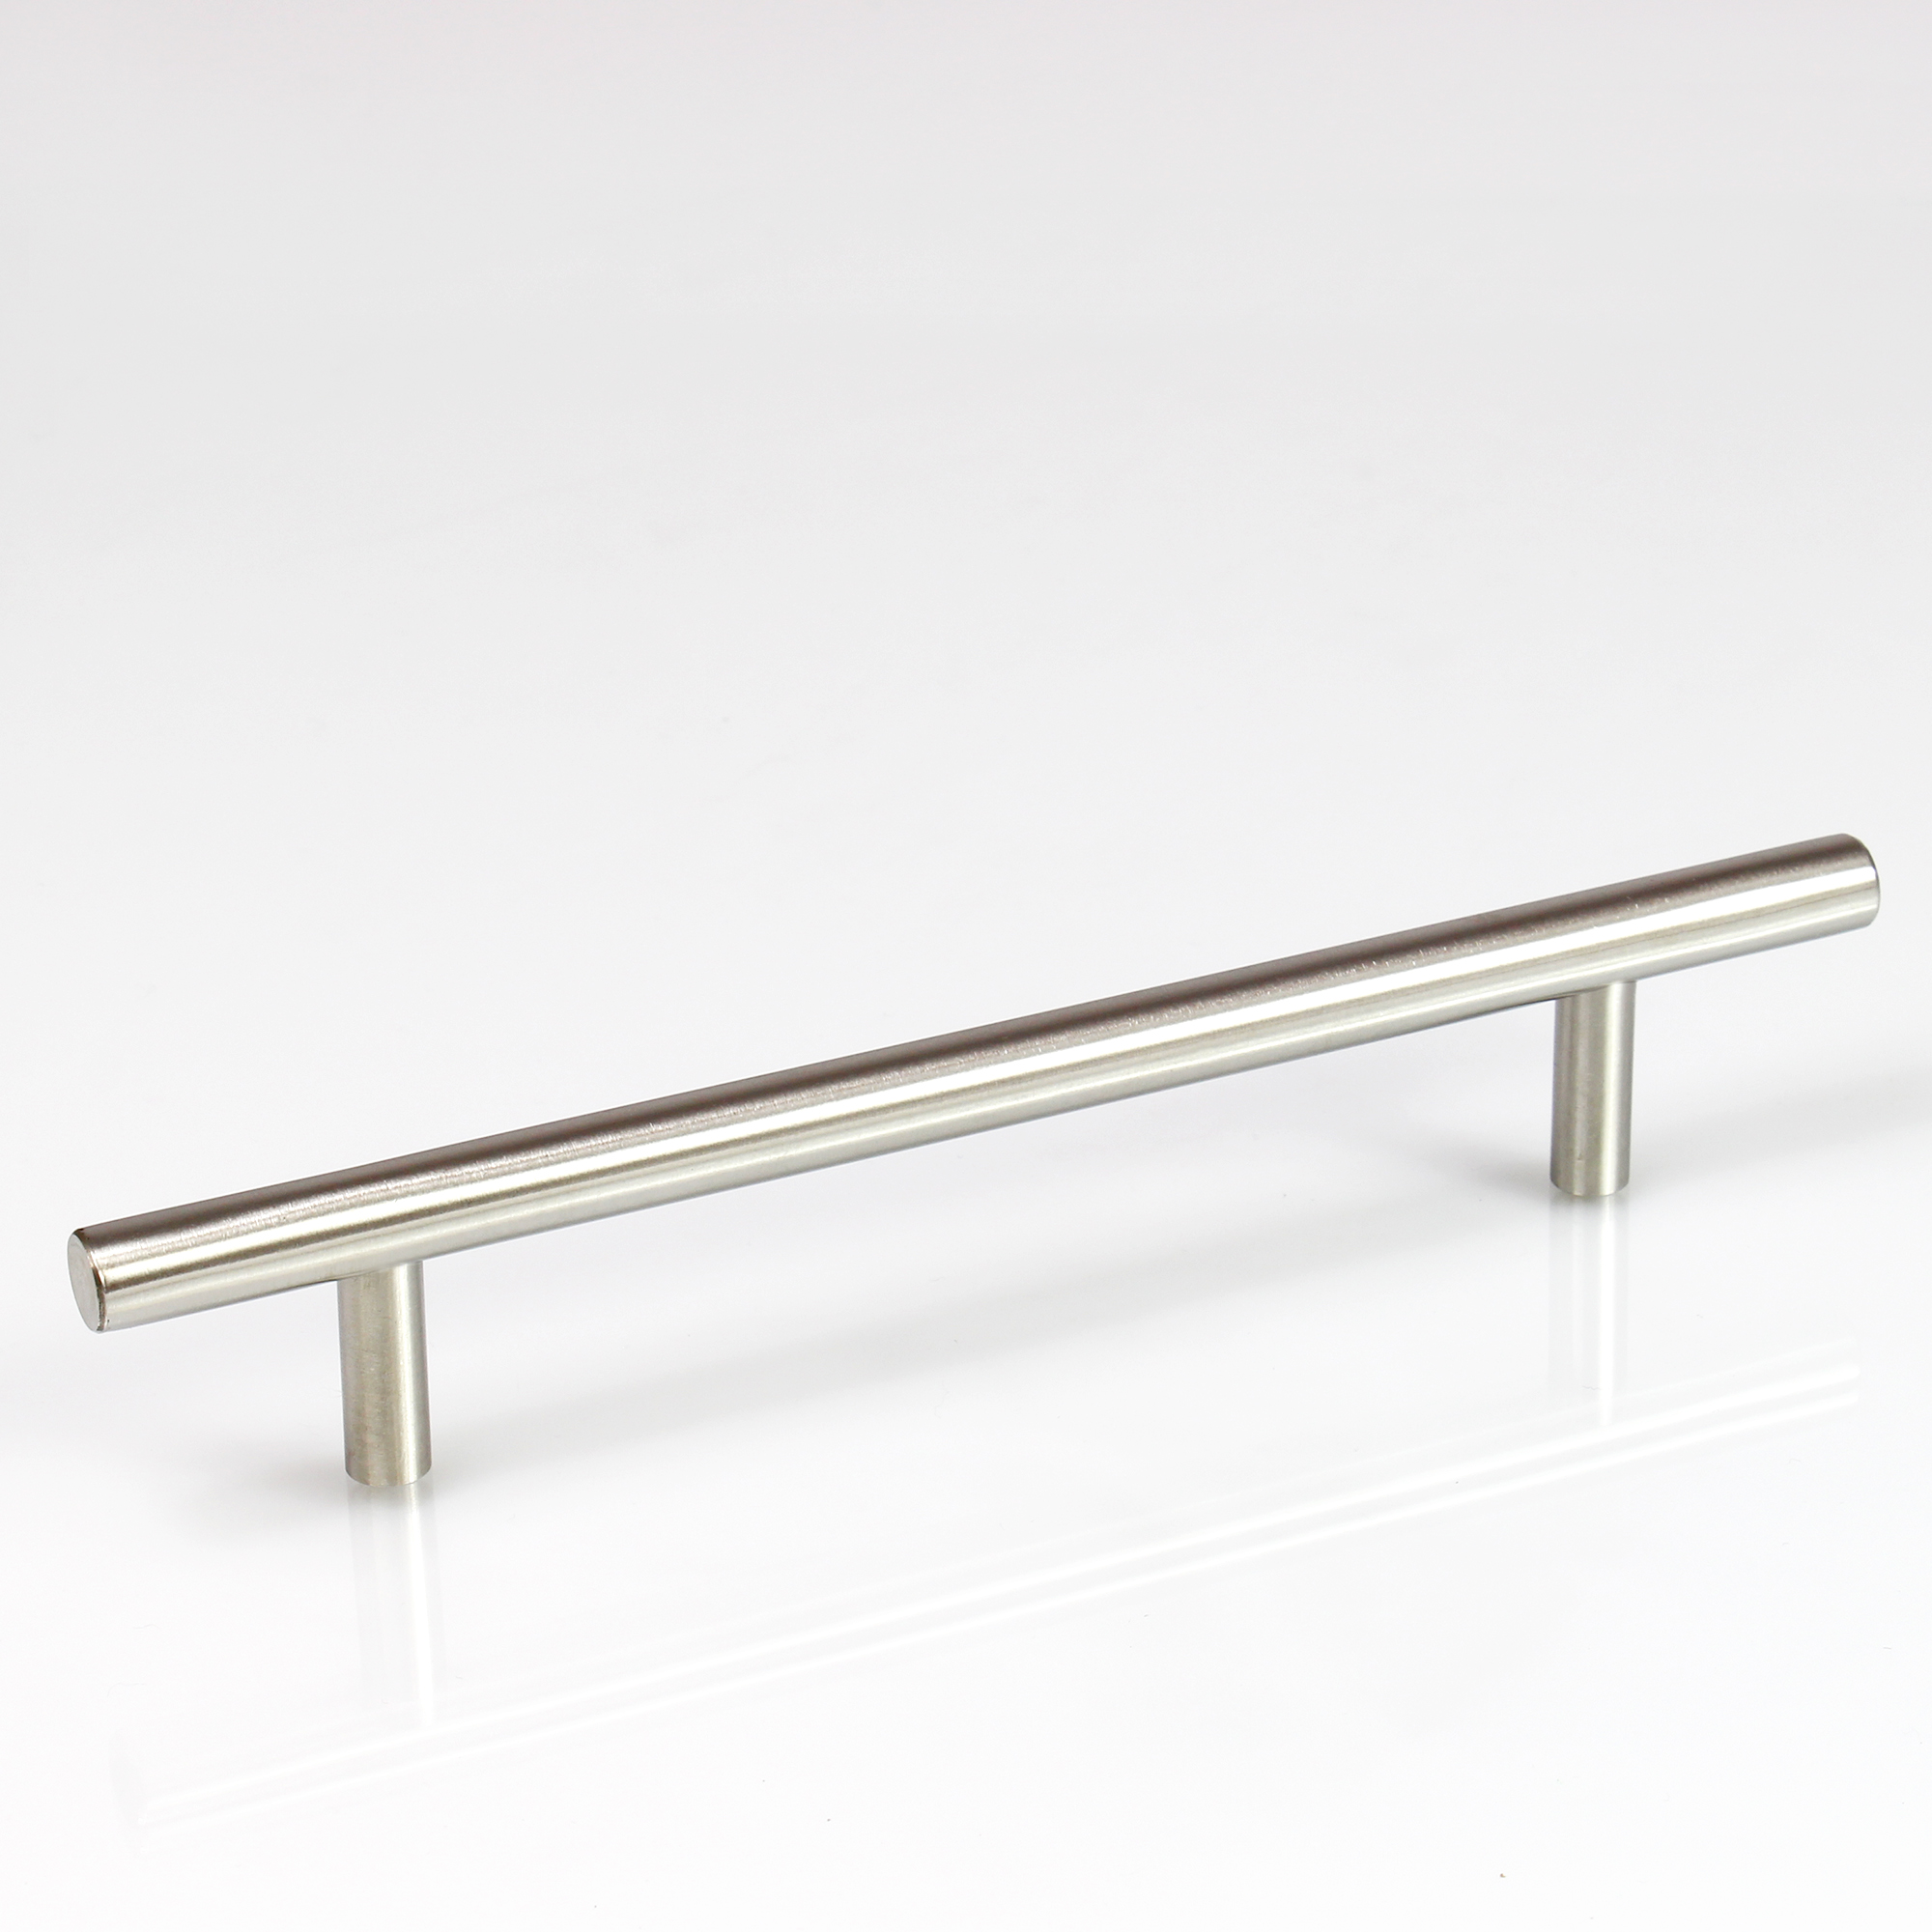 rapid teck stangengriff m belgriff stangengriffe m belgriffe schubladen griff ebay. Black Bedroom Furniture Sets. Home Design Ideas